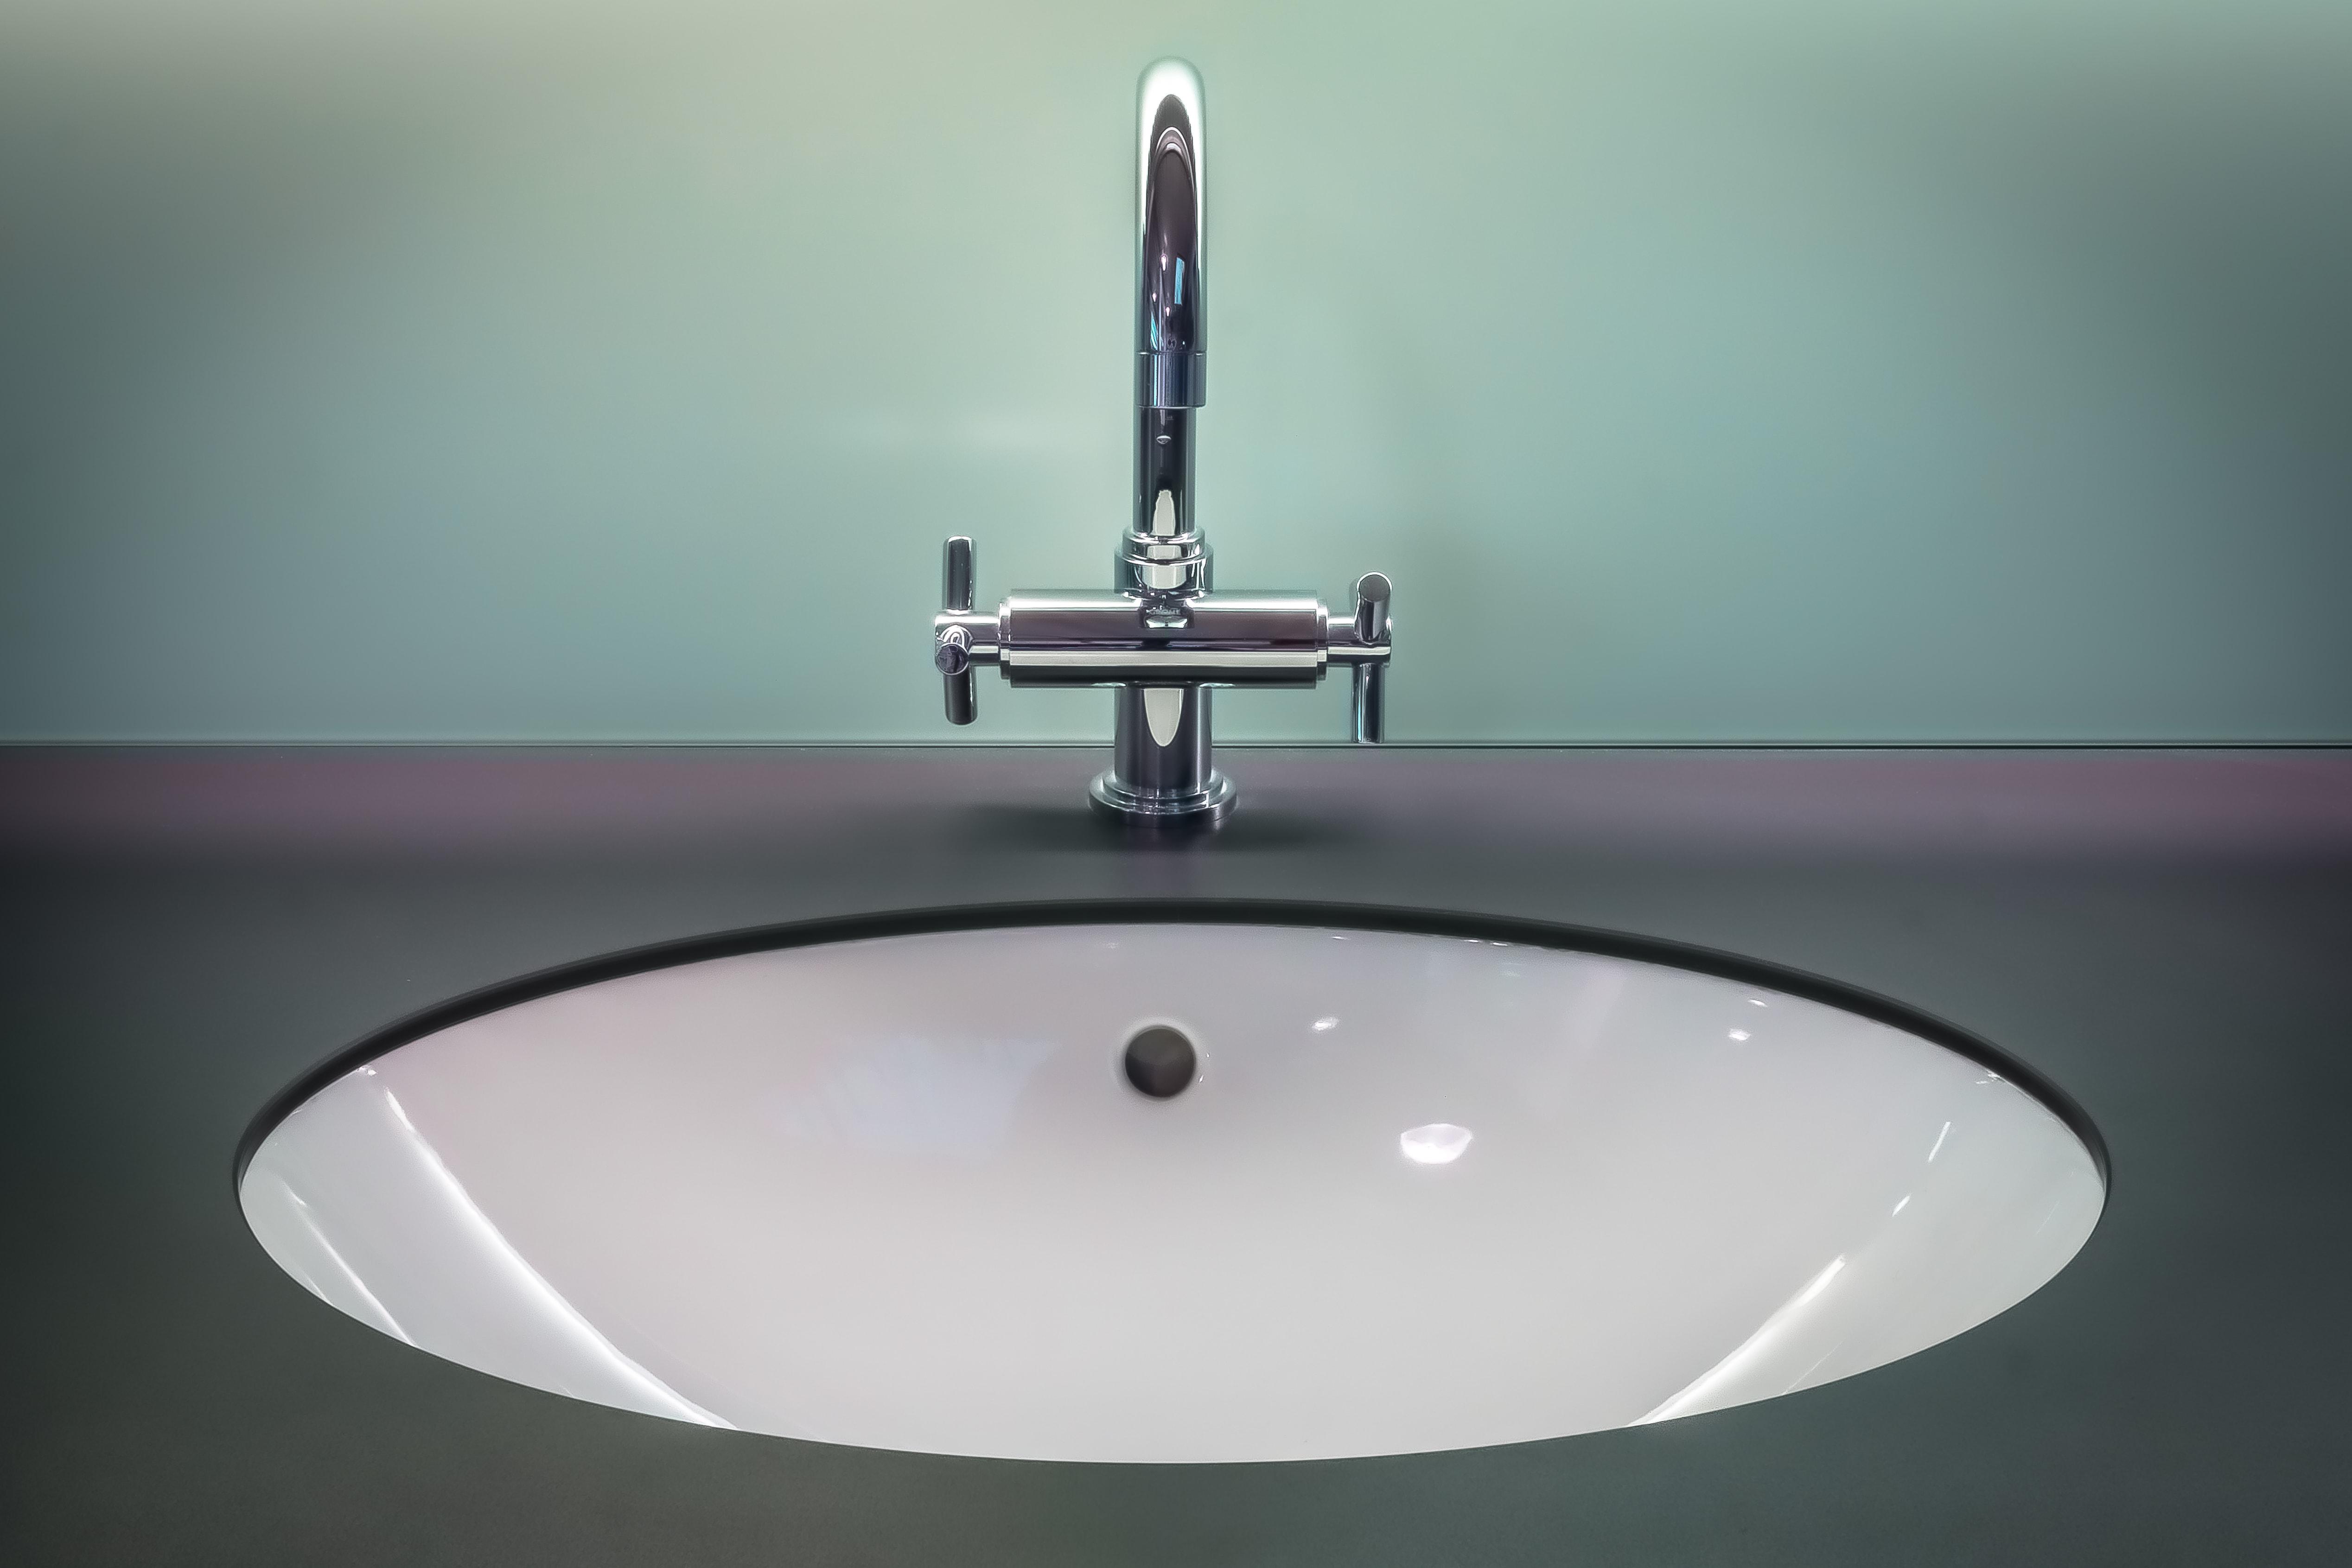 Bathroom sink min